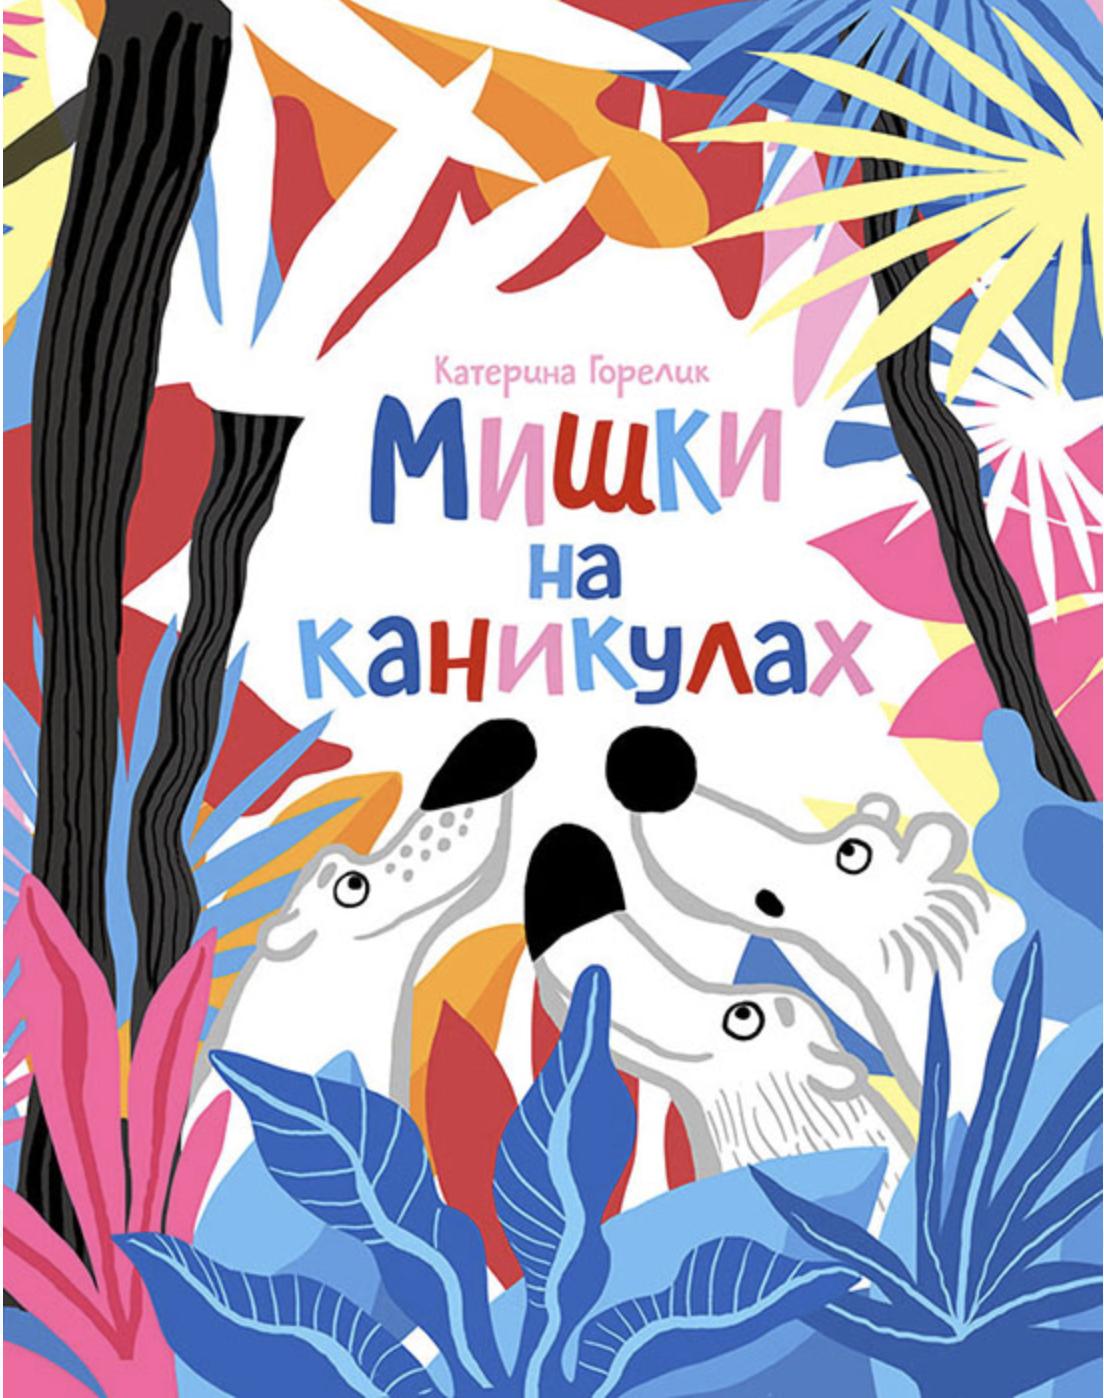 Miški na kanikulach (Bären in den Ferien) Book Cover